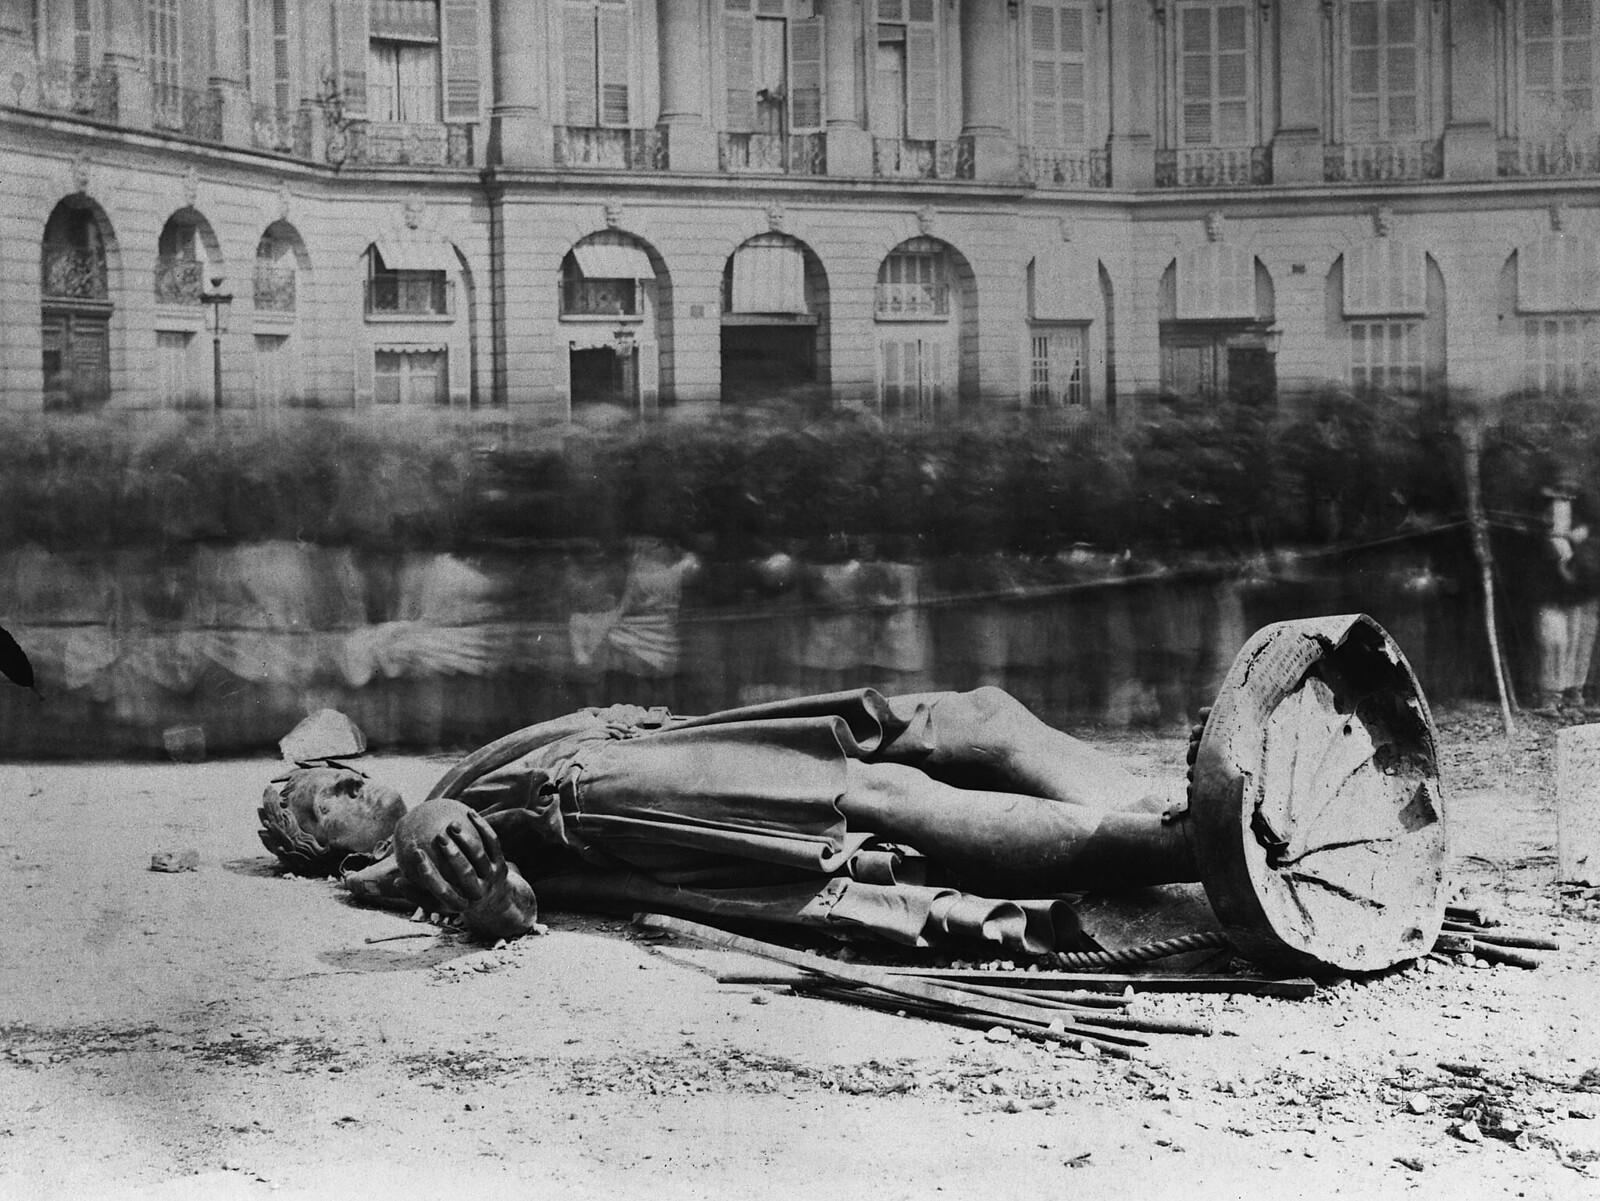 1871. Статуя Наполеона лежит разбитой на Вандомской площади. Коммунары заклеймили статую как «памятник варварства, символ грубой силы и ложной славы»